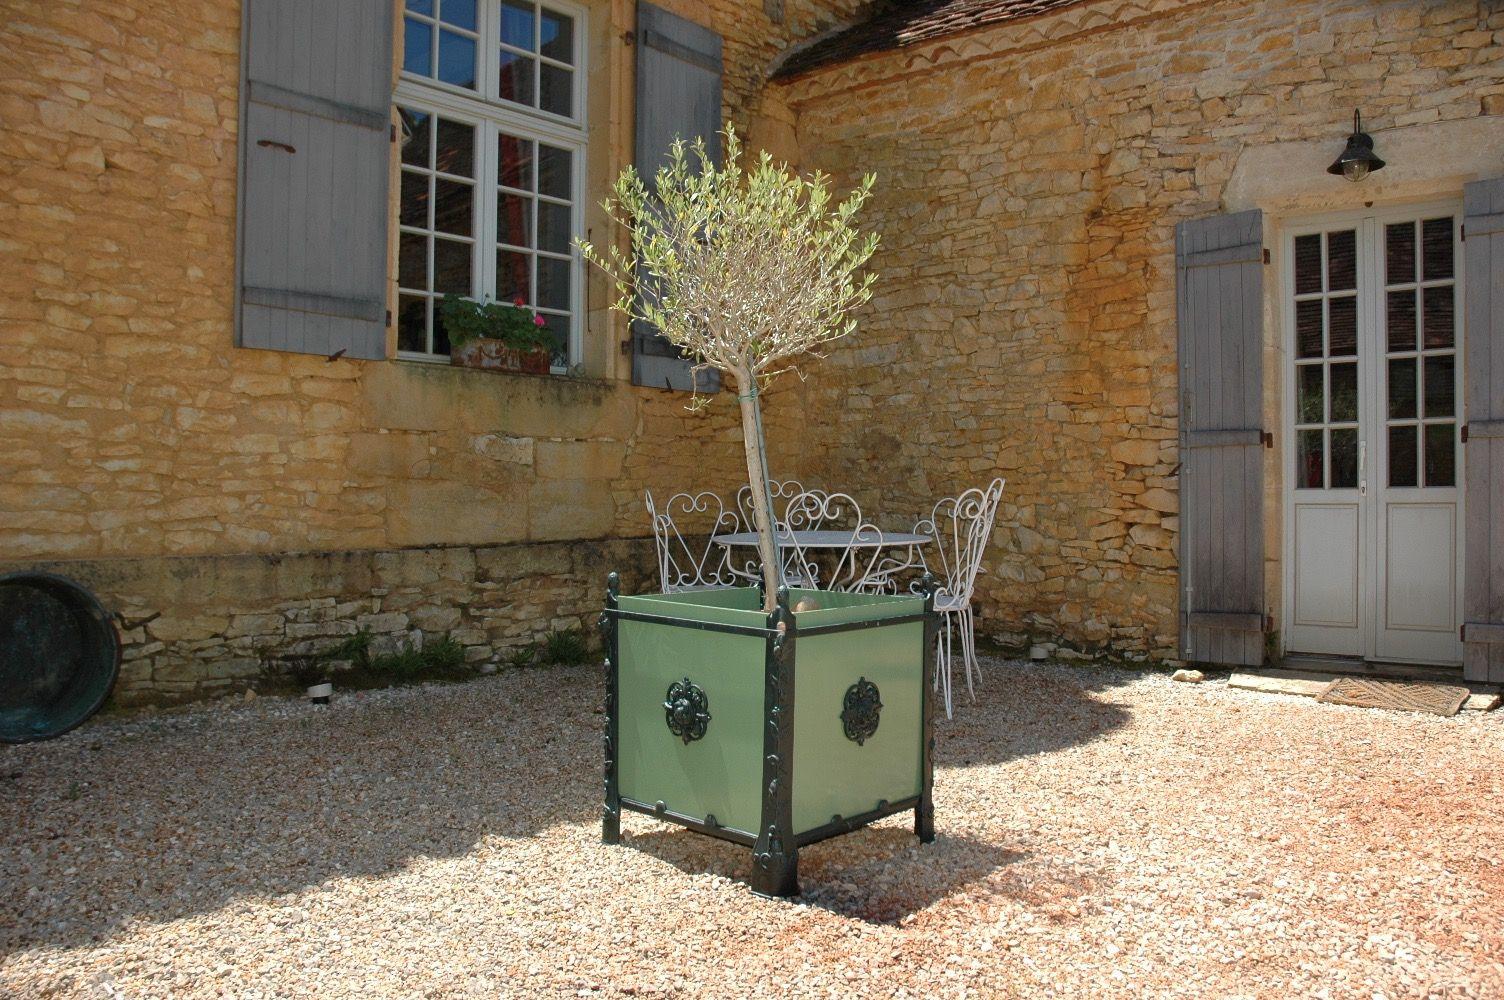 Bac Pour Arbuste De Jardin bac a oranger - panneaux tole - bac à plantes - jardinière